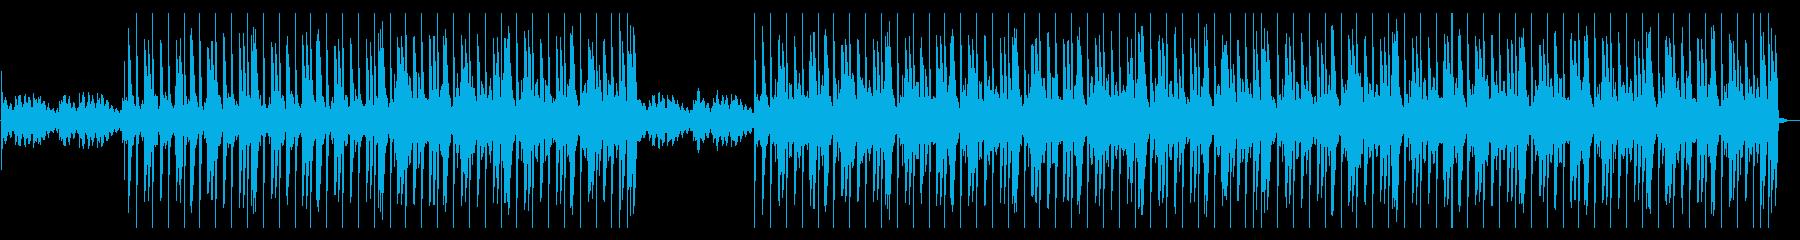 ピアノのメロディが印象的なヒップホップの再生済みの波形